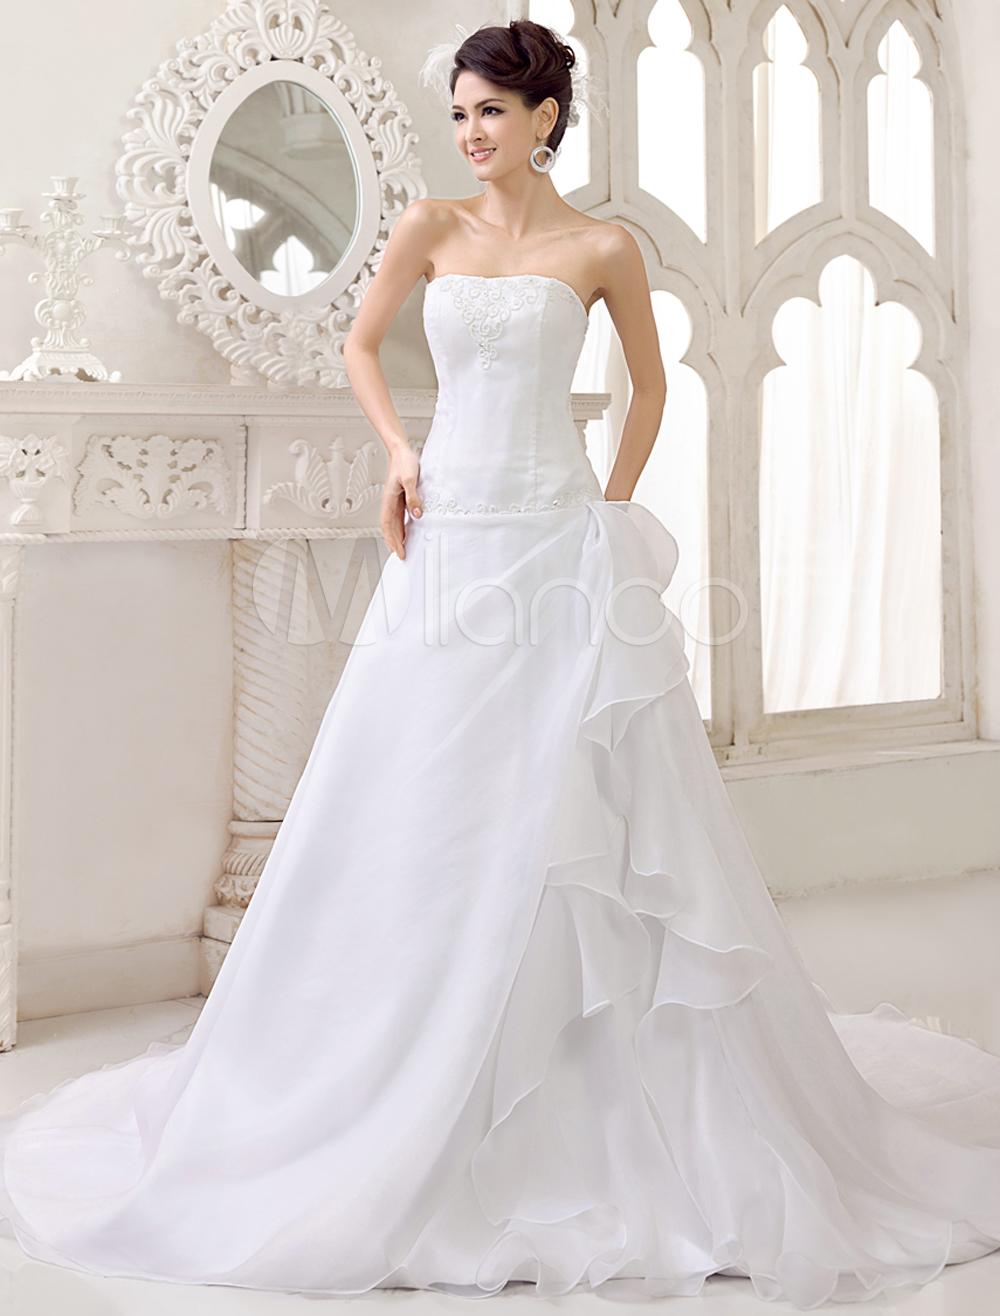 Imagenes de vestidos de boda mas bonitos